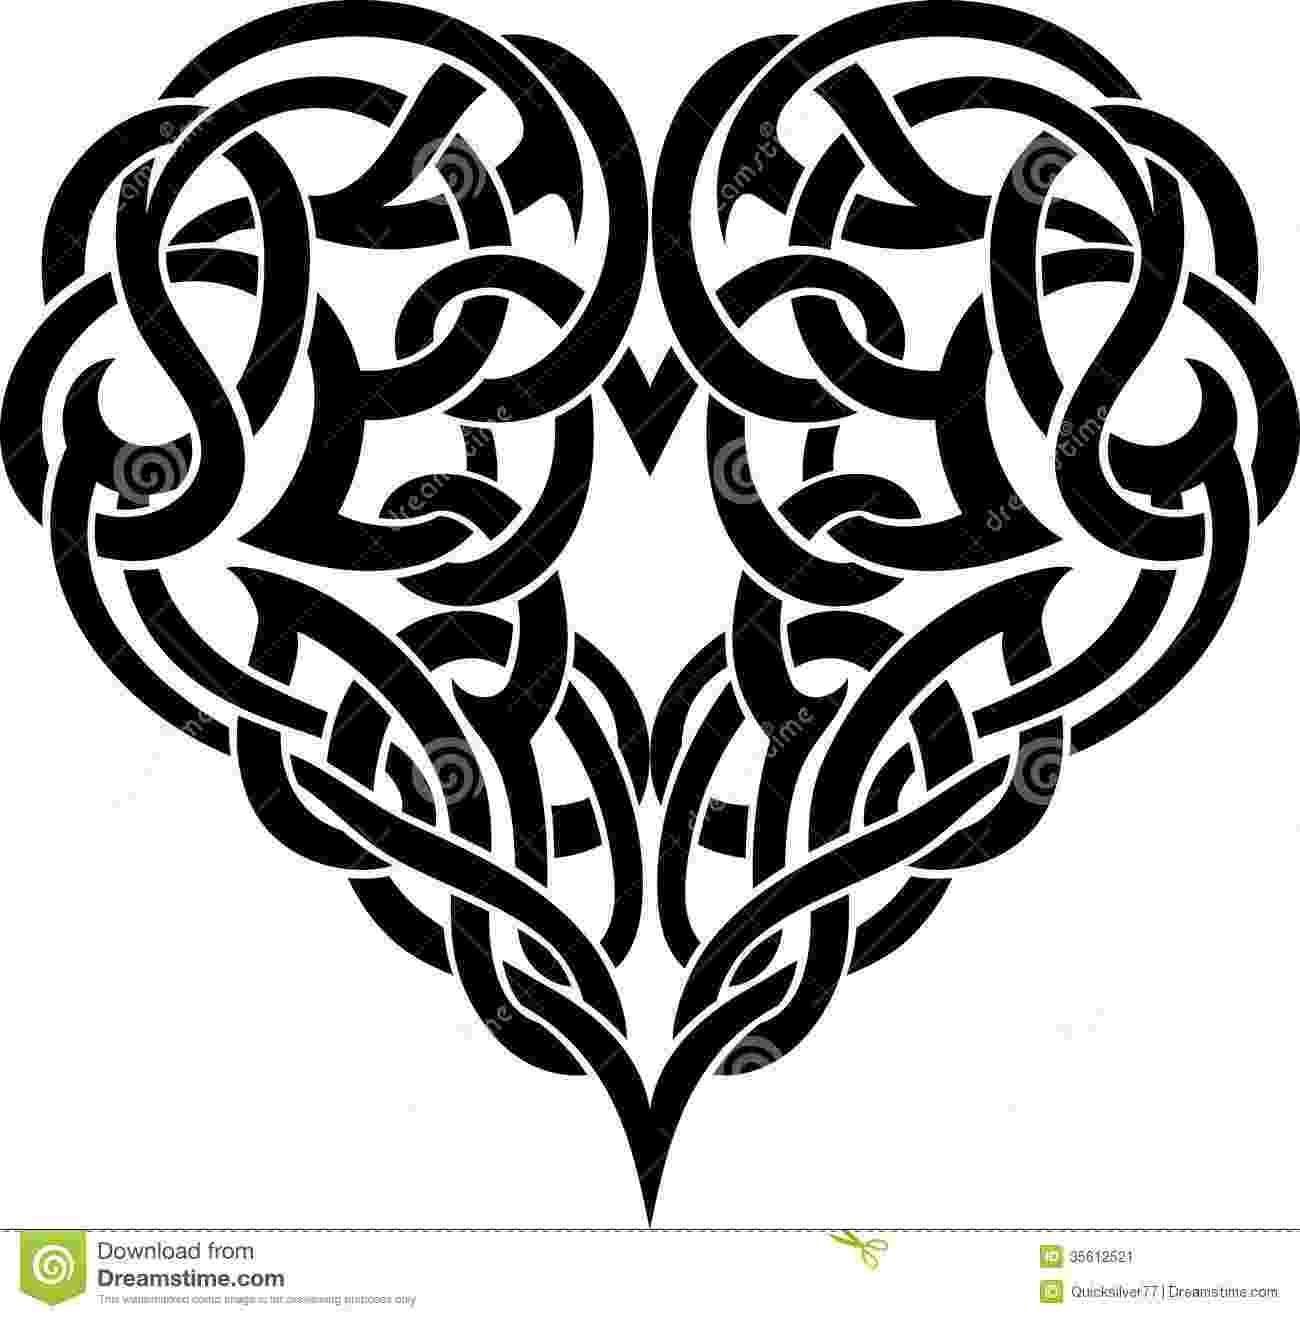 celtic art celtic ornament images the graphics fairy celtic art